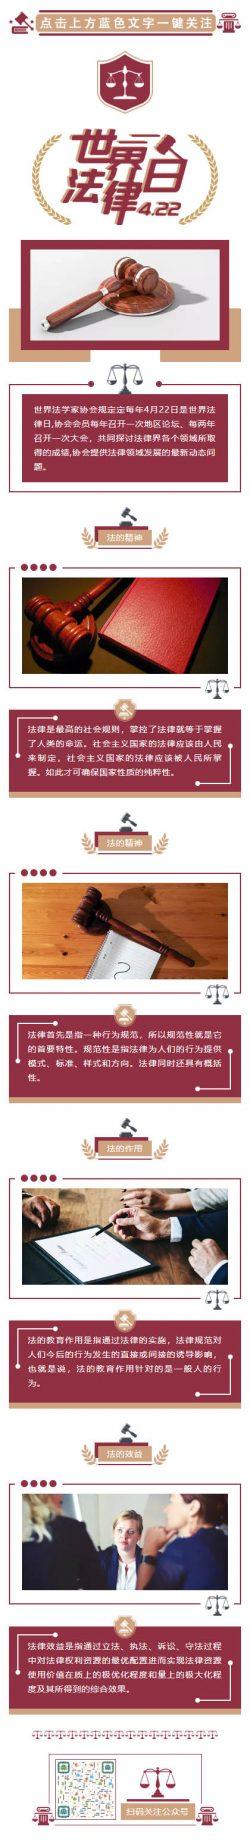 法律政法院公平公正微信公众号图文素材模板推送素材